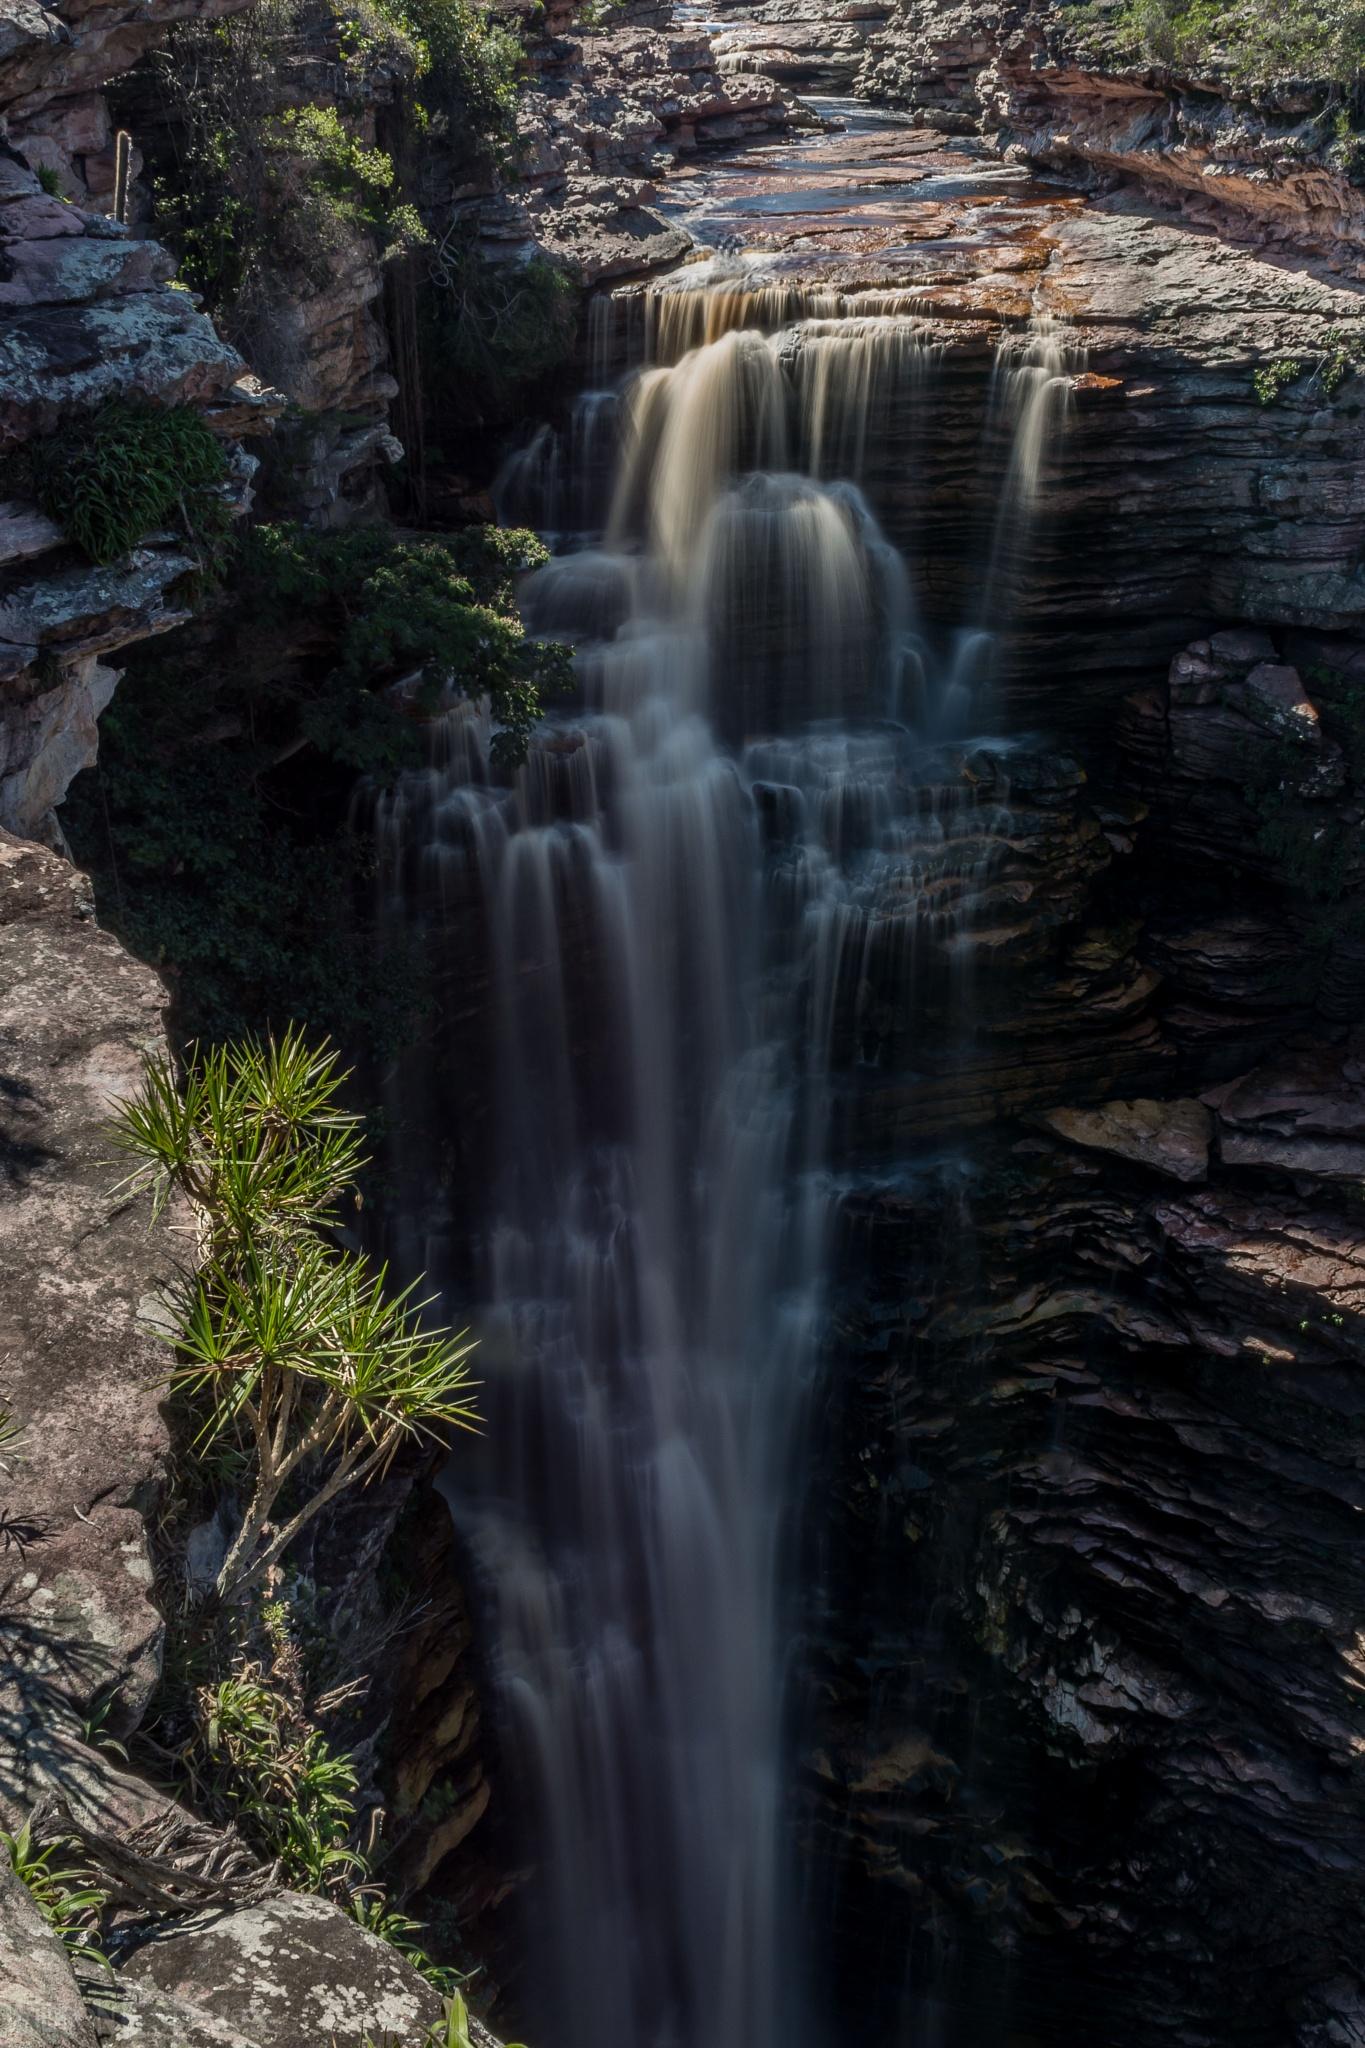 Cachoeira do Buracao by Wilton Esteves